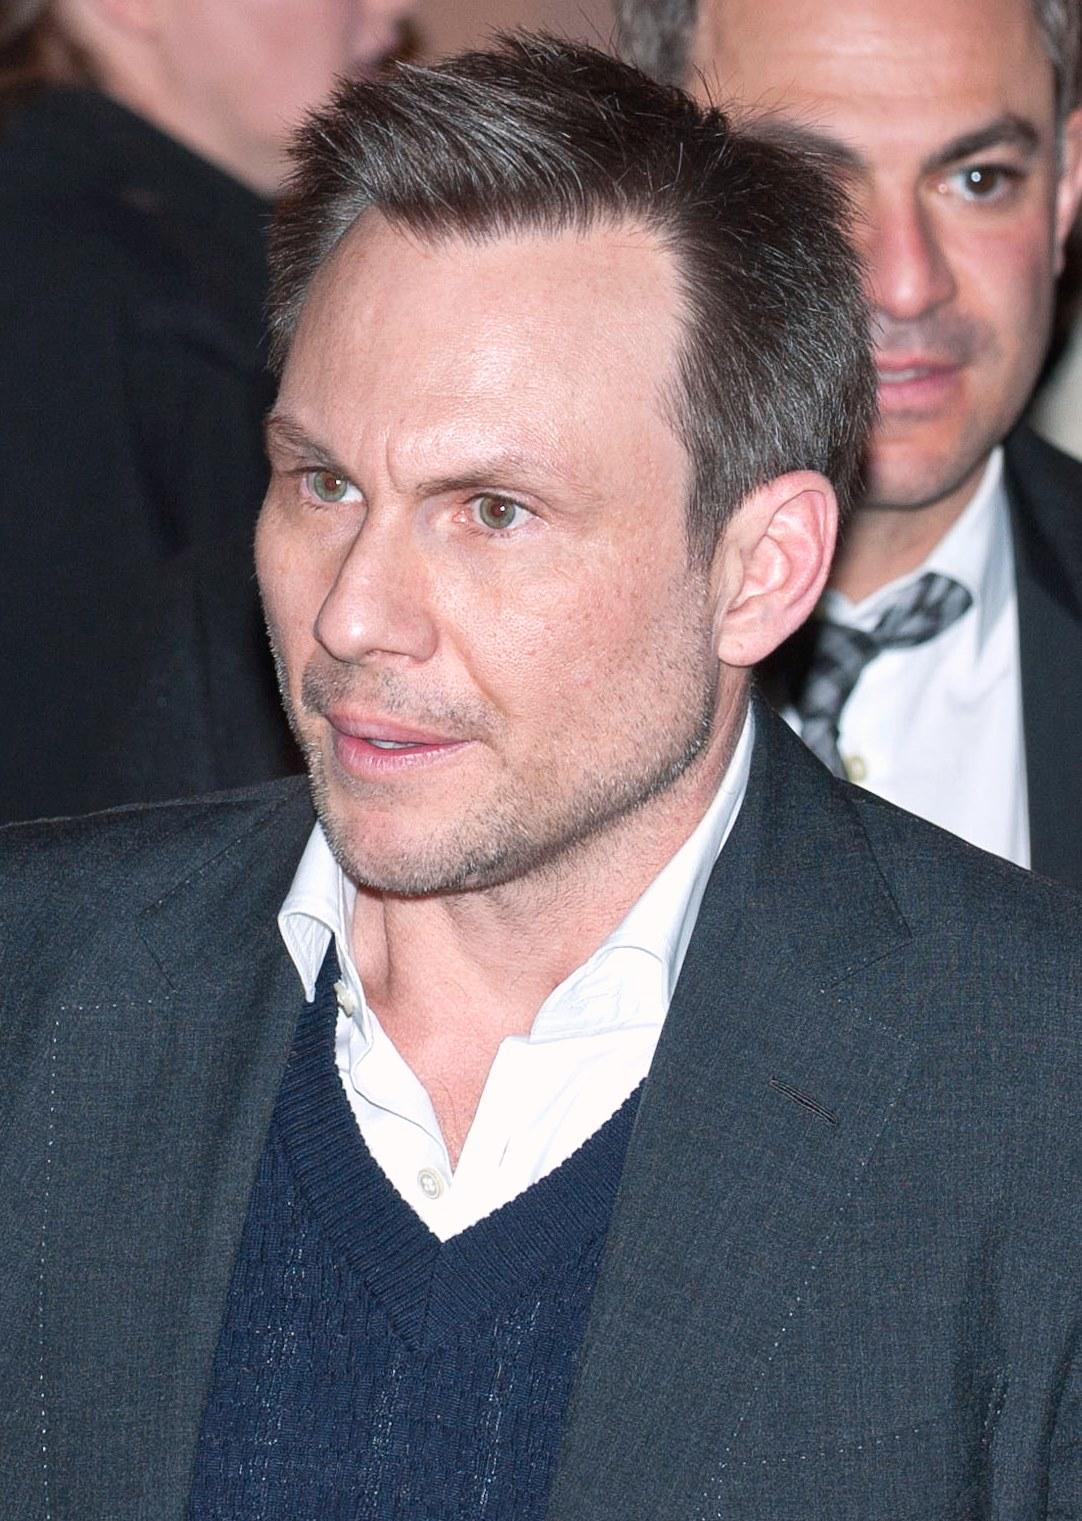 Christian Slater (actor)